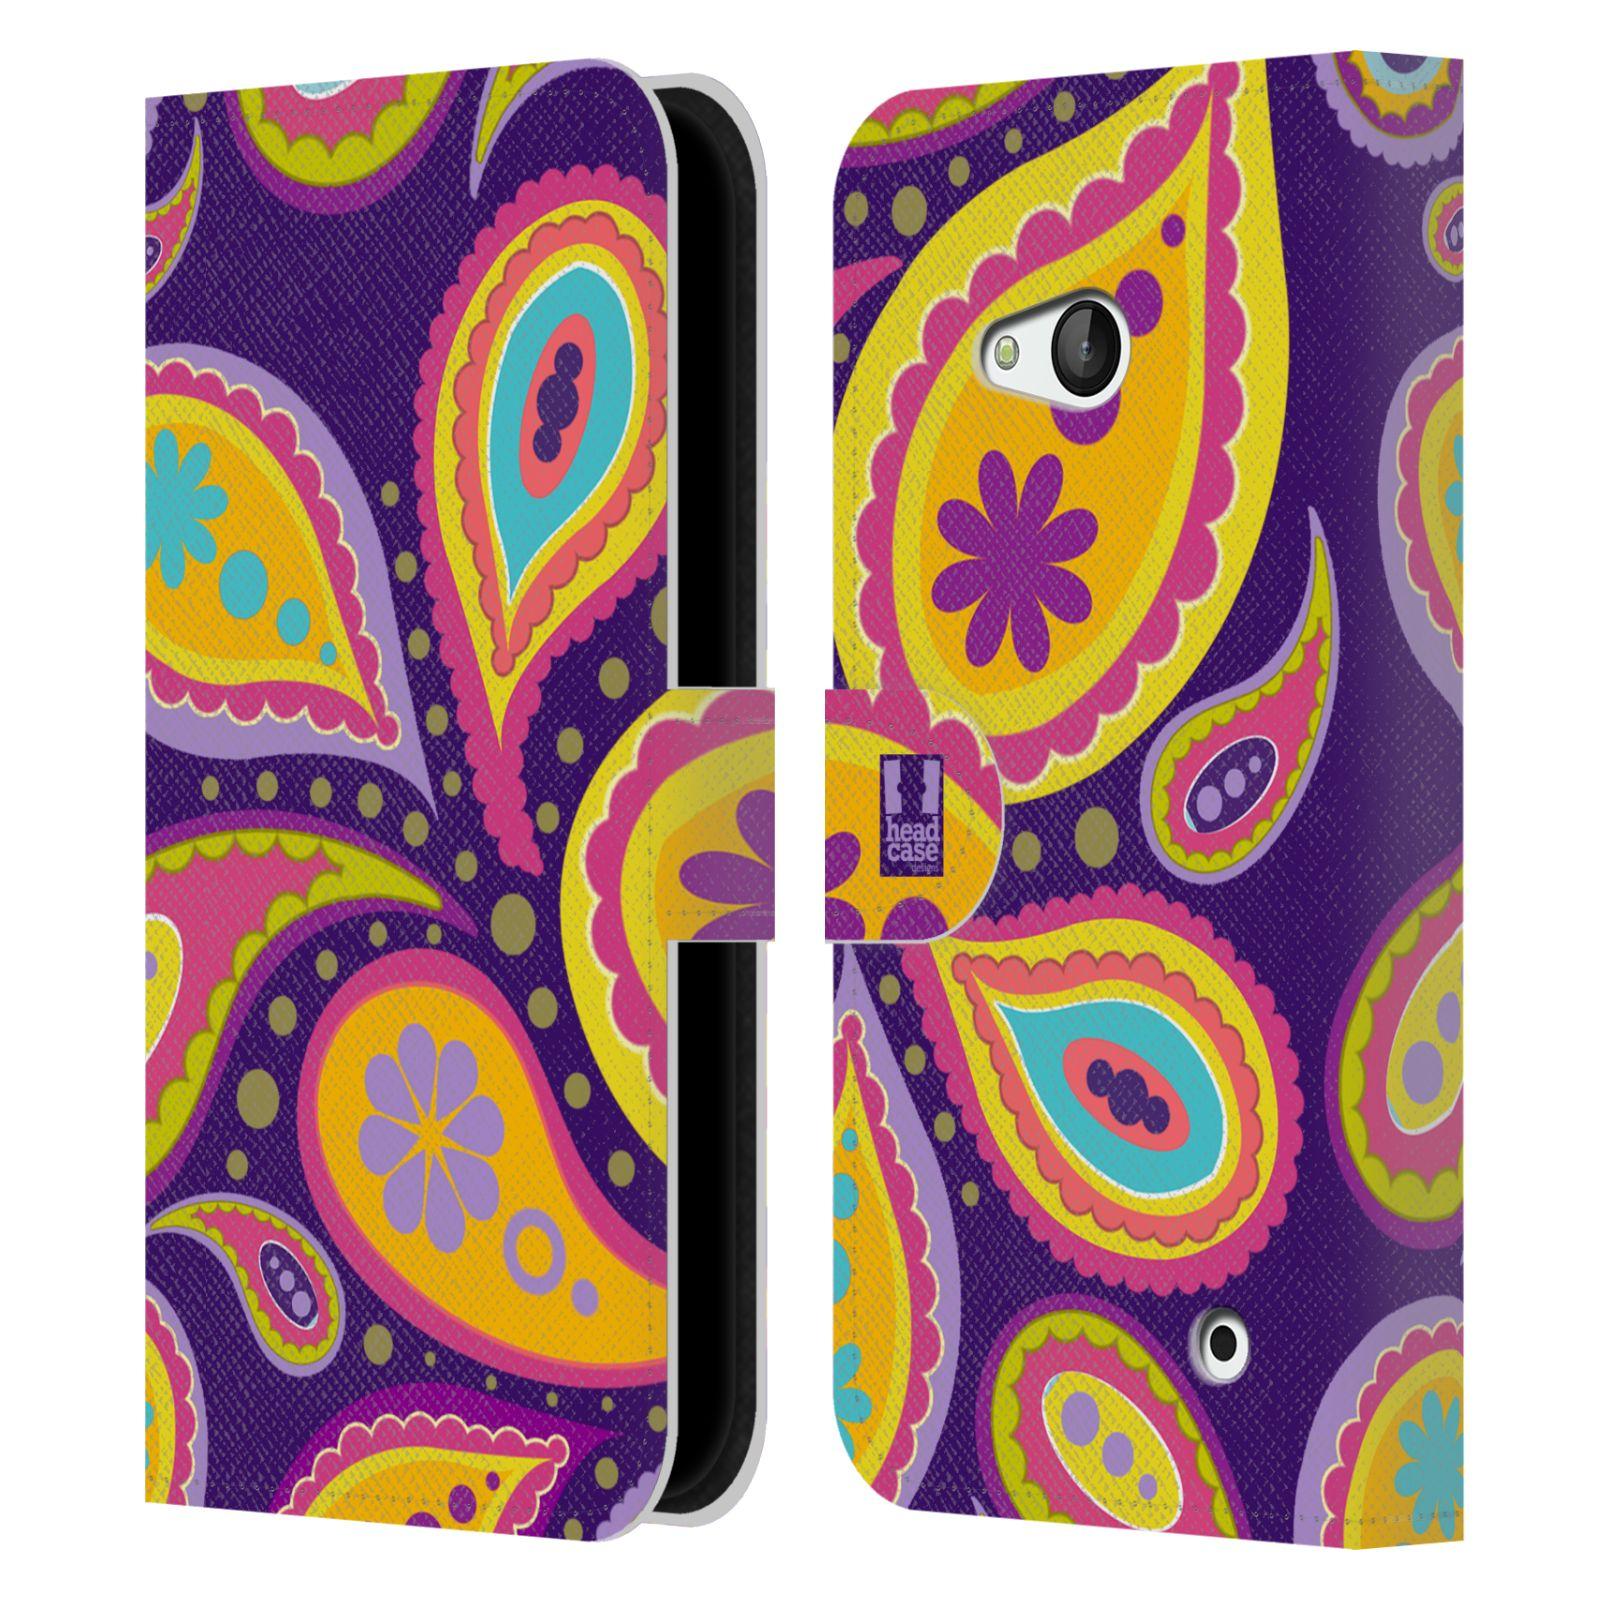 HEAD CASE Flipové pouzdro pro mobil NOKIA / MICROSOFT LUMIA 640 / LUMIA 640 DUAL barevné slzy fialová a oranžová